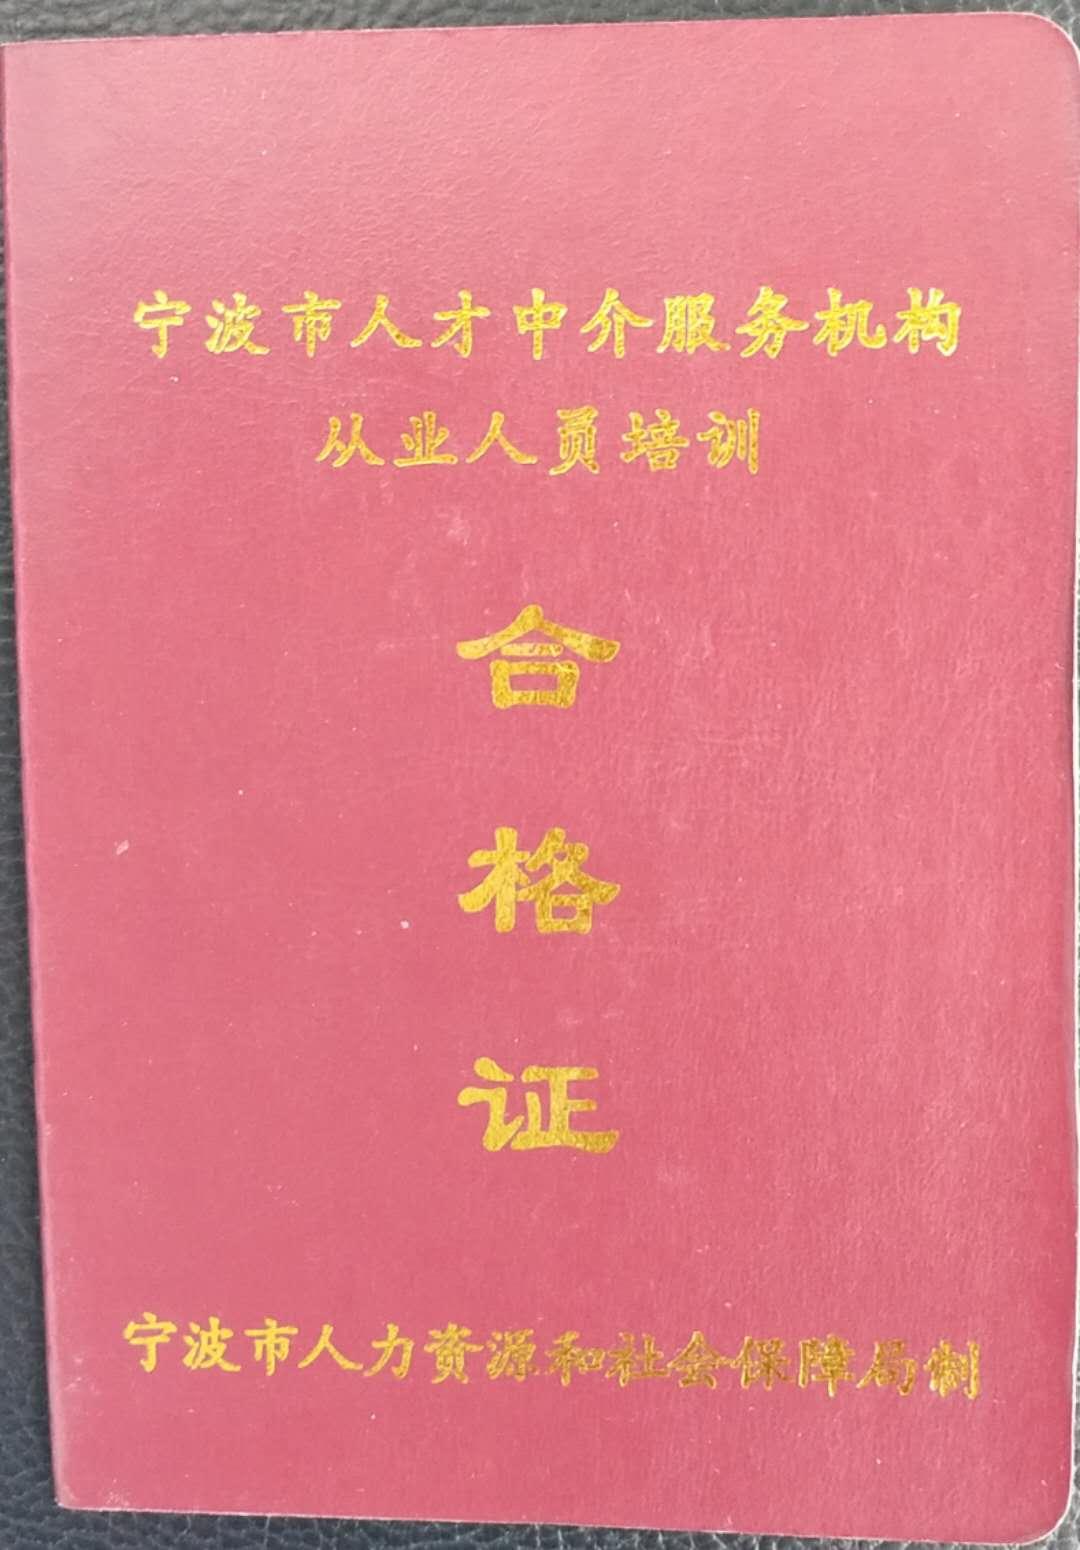 陈律师曾从事猎头工作——人才中介服务机构从业人员培训合格证(2011年)